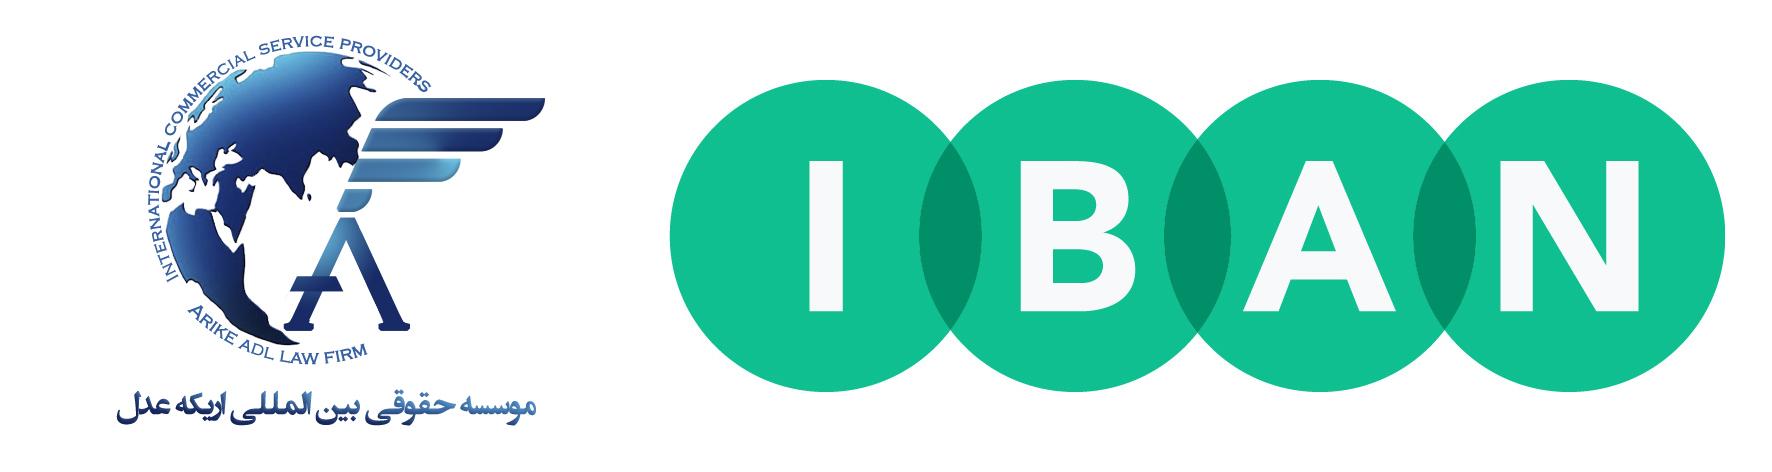 تعریف IBAN ( آی بن ) و ساختار آن